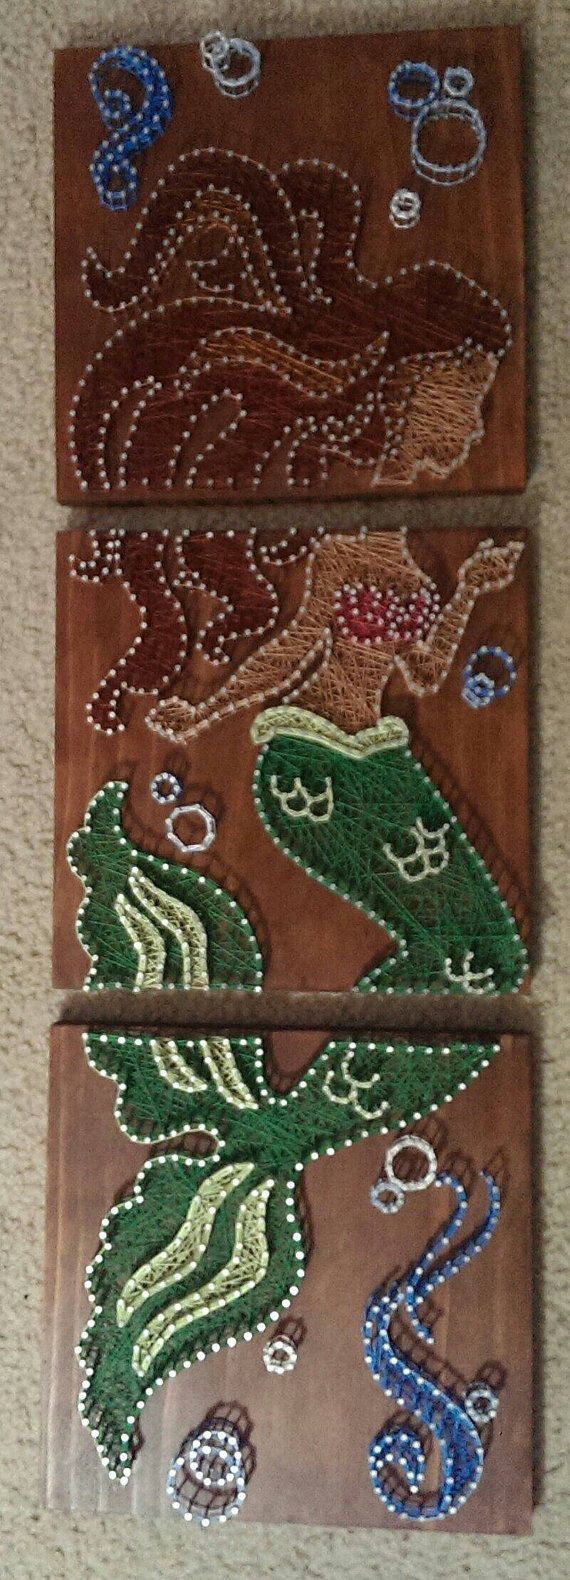 Panel 3 sirena uñas y arte de la cadena por brokenwingArts en Etsy